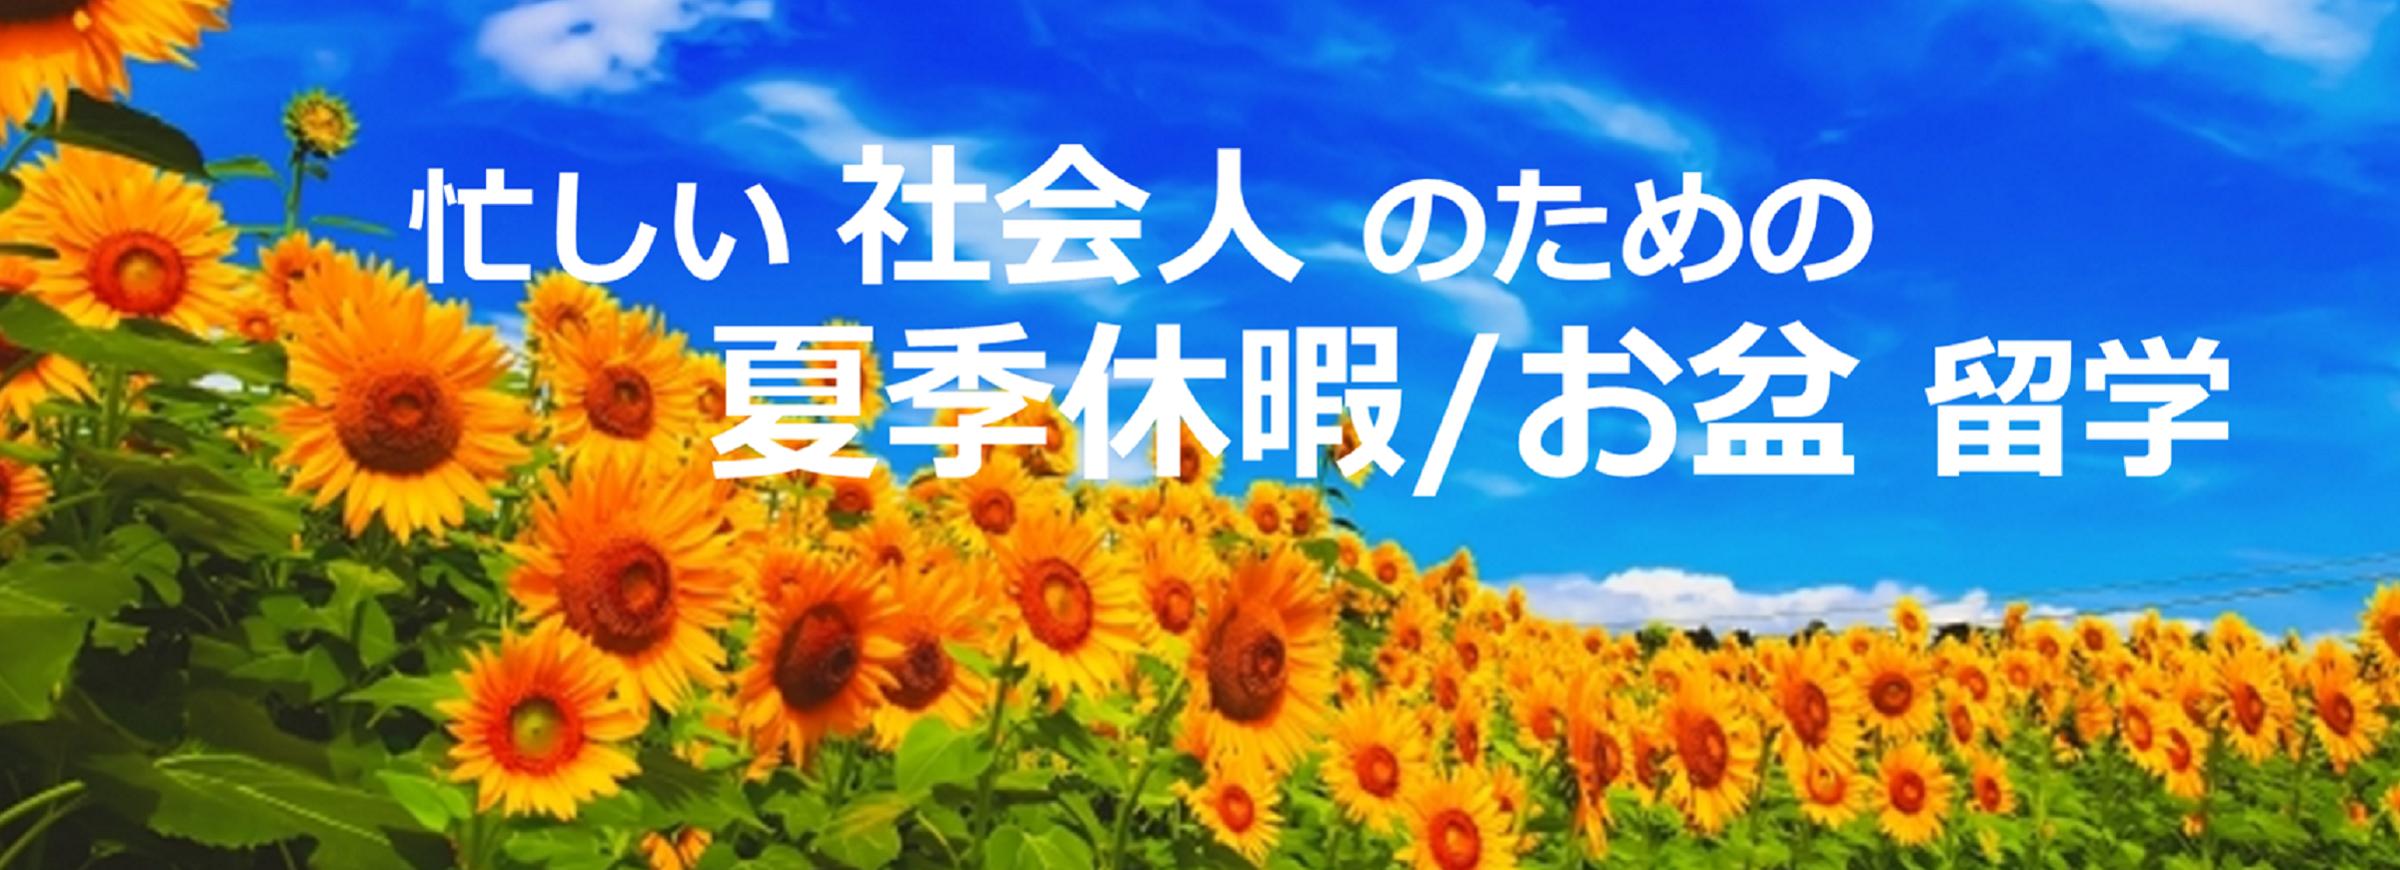 夏季休暇 お盆 セブ島留学 PC